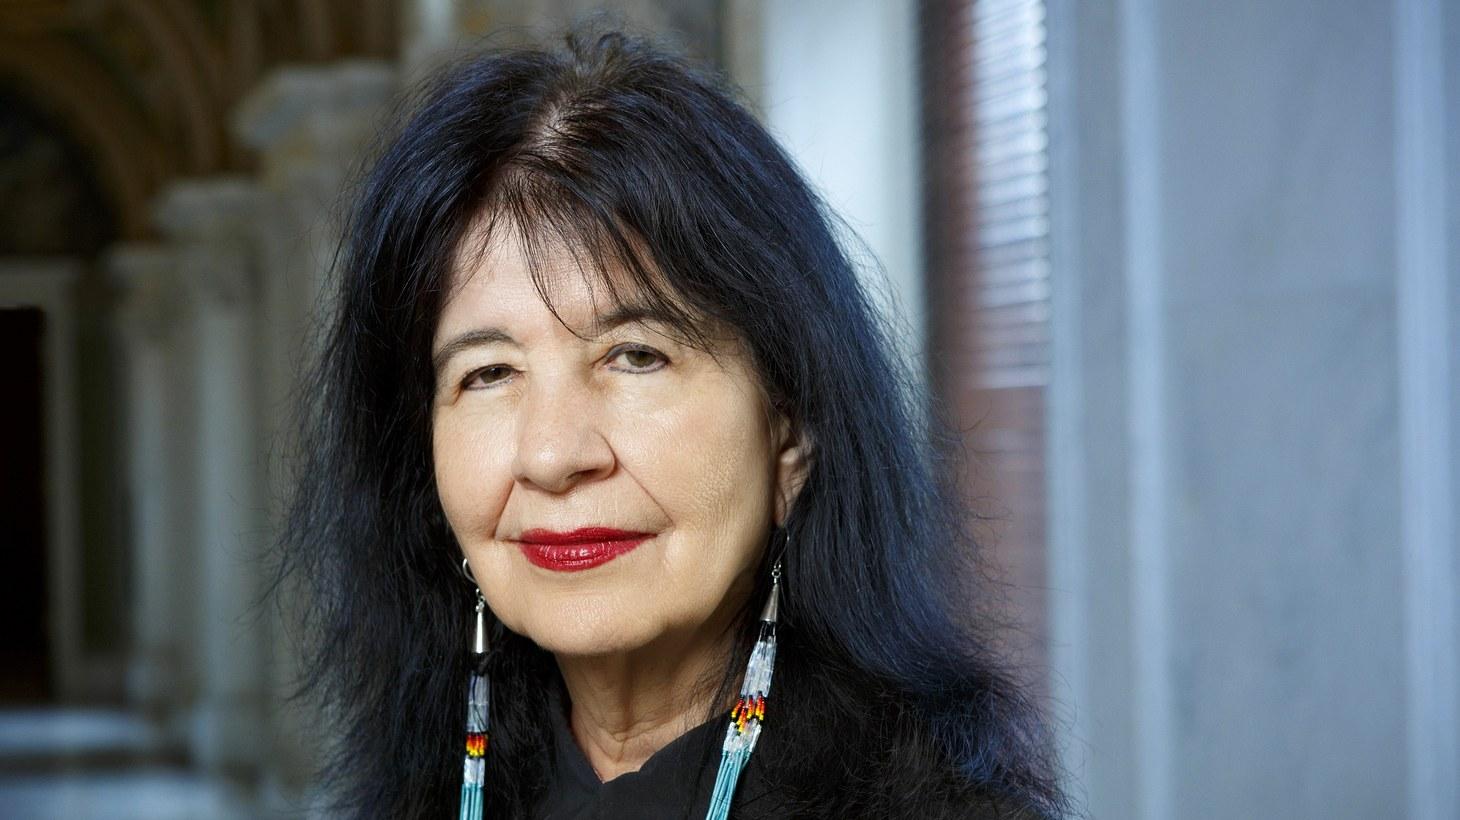 Indigenous American Poet Laureate Joy Harjo